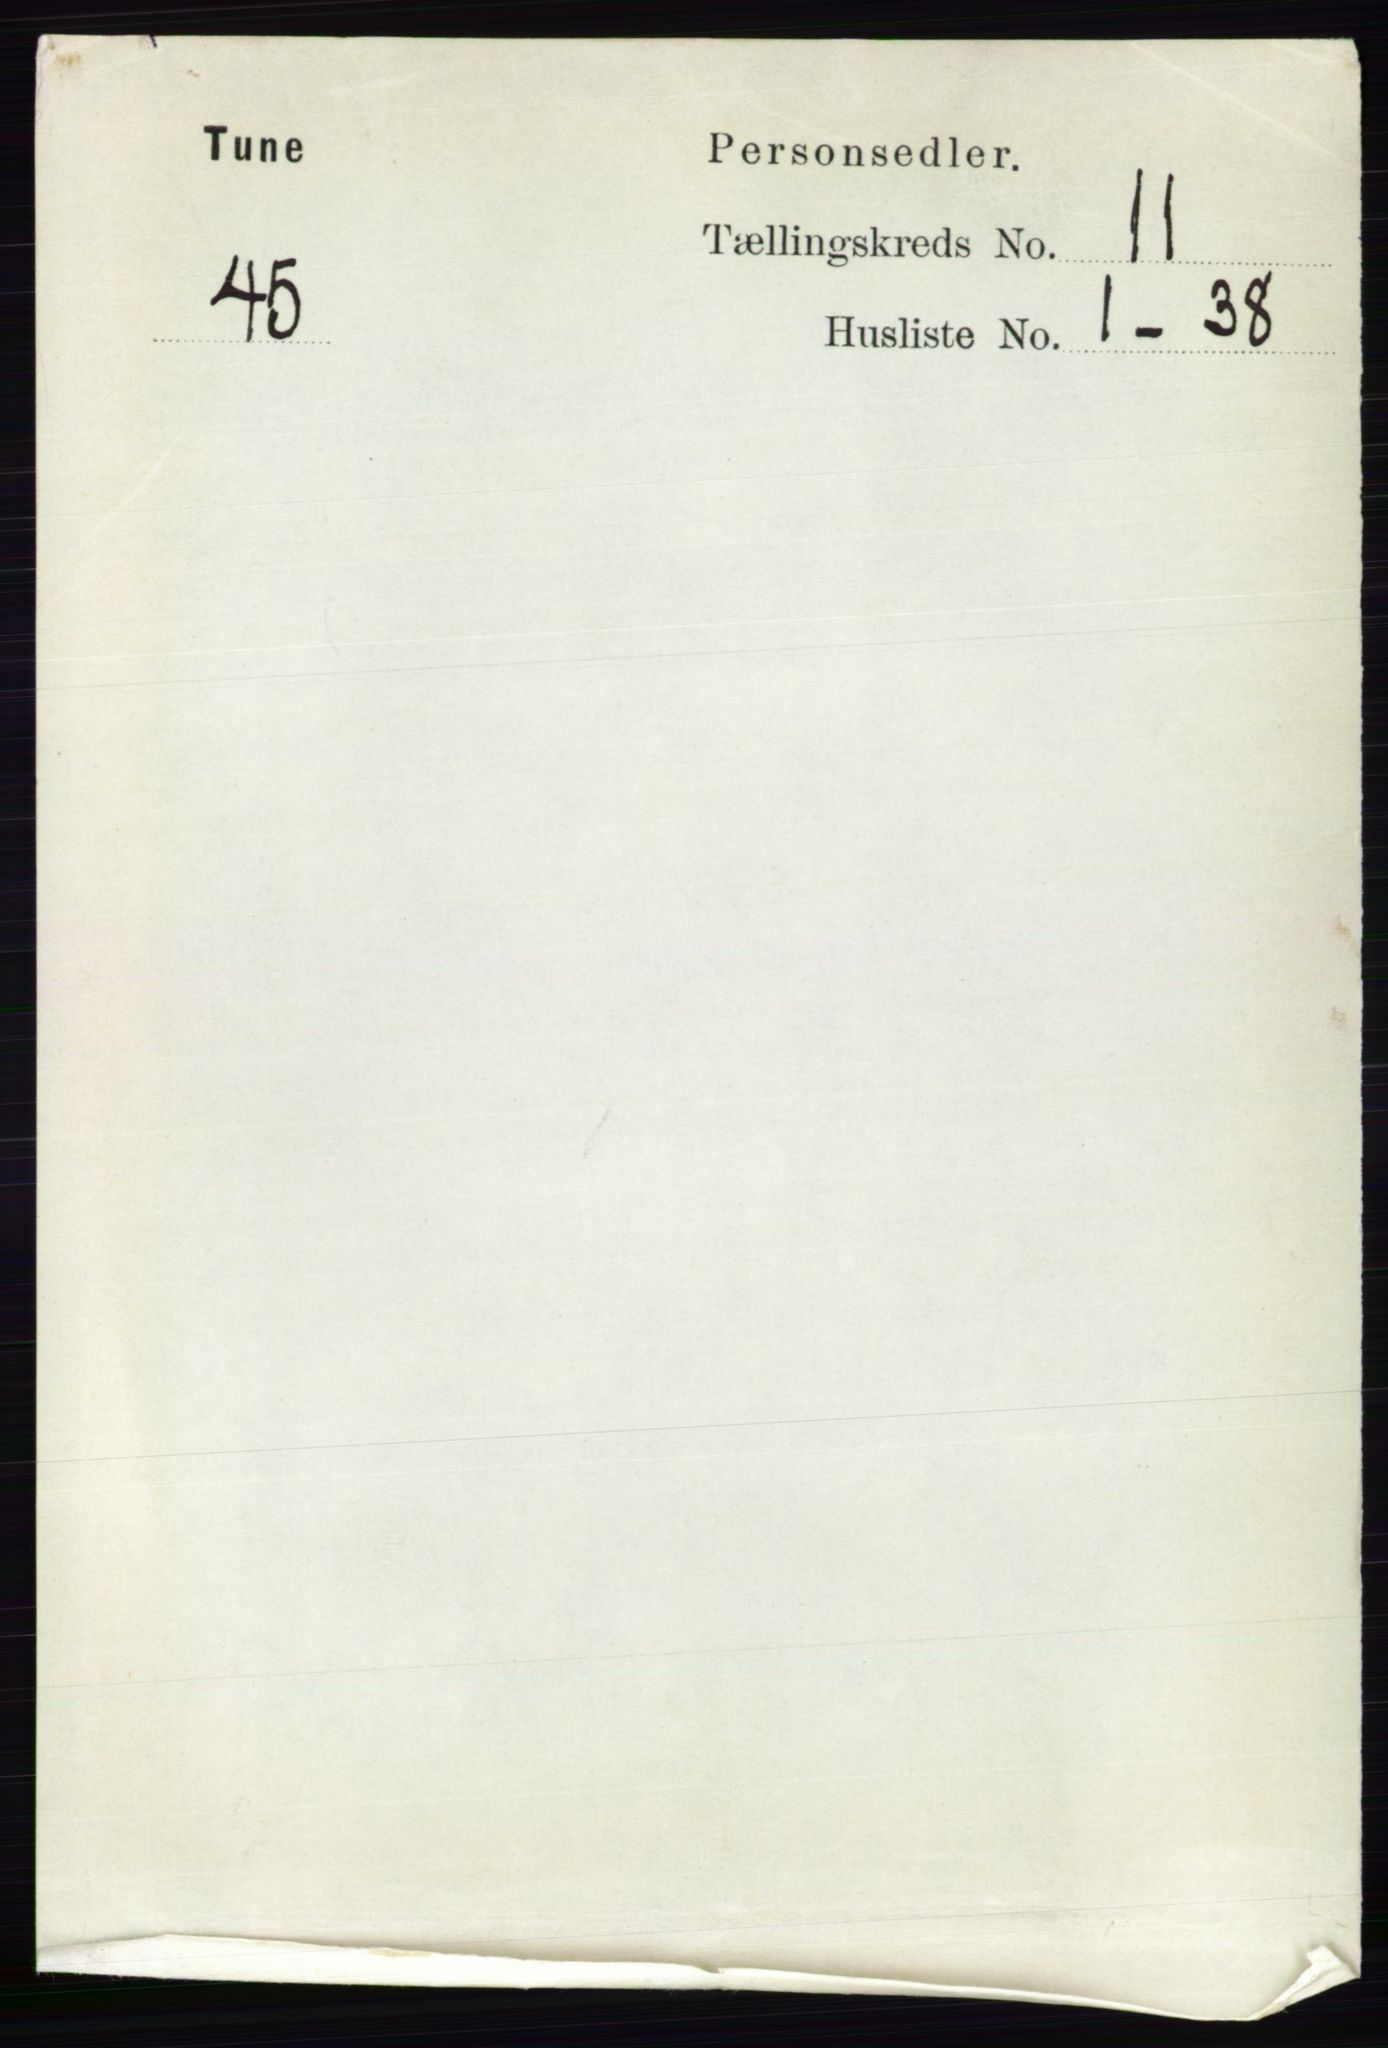 RA, Folketelling 1891 for 0130 Tune herred, 1891, s. 6939